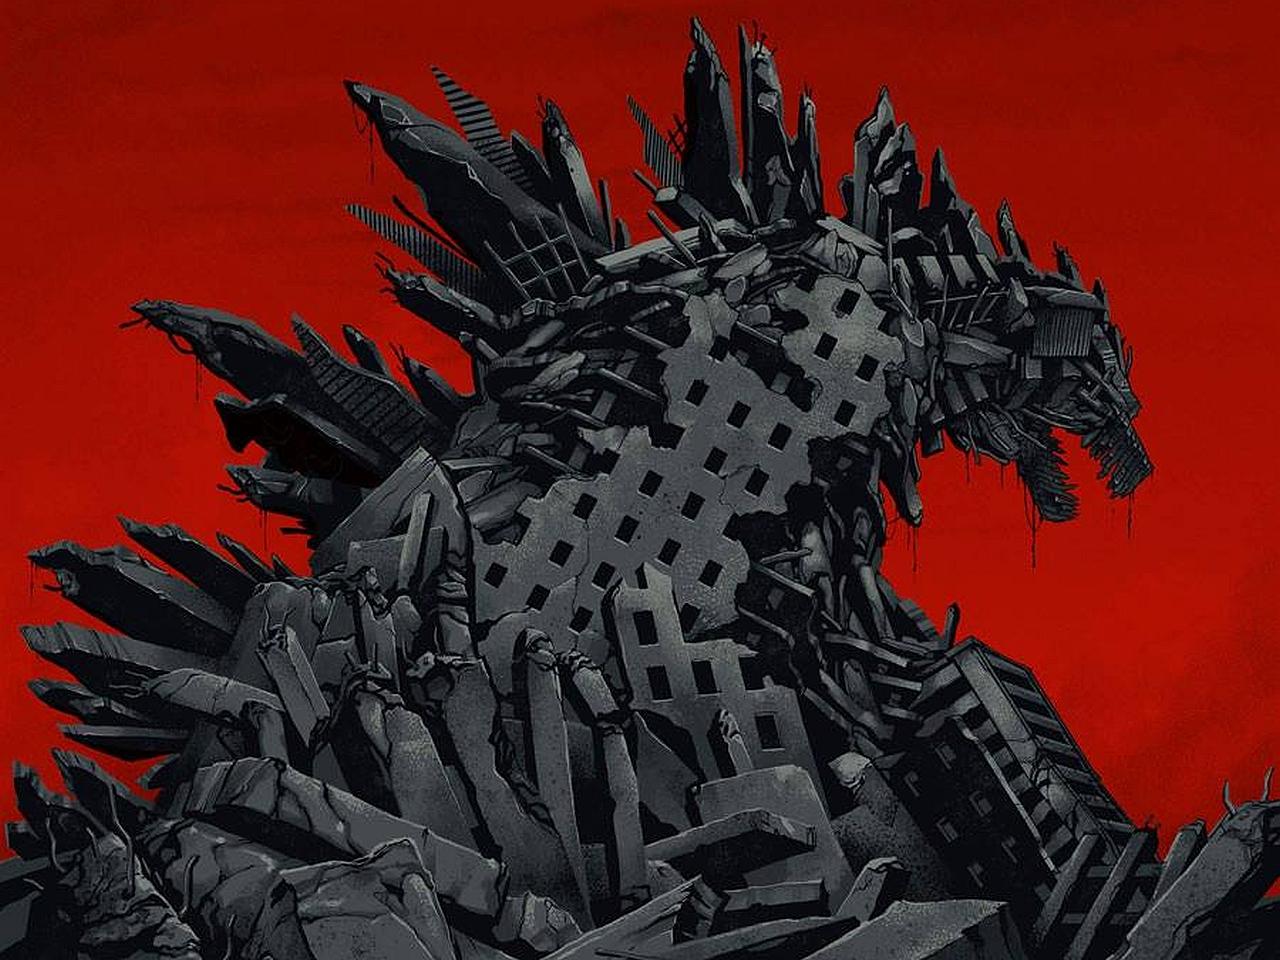 Godzilla Iphone Wallpaper Movie   godzilla wallpaper 1280x960